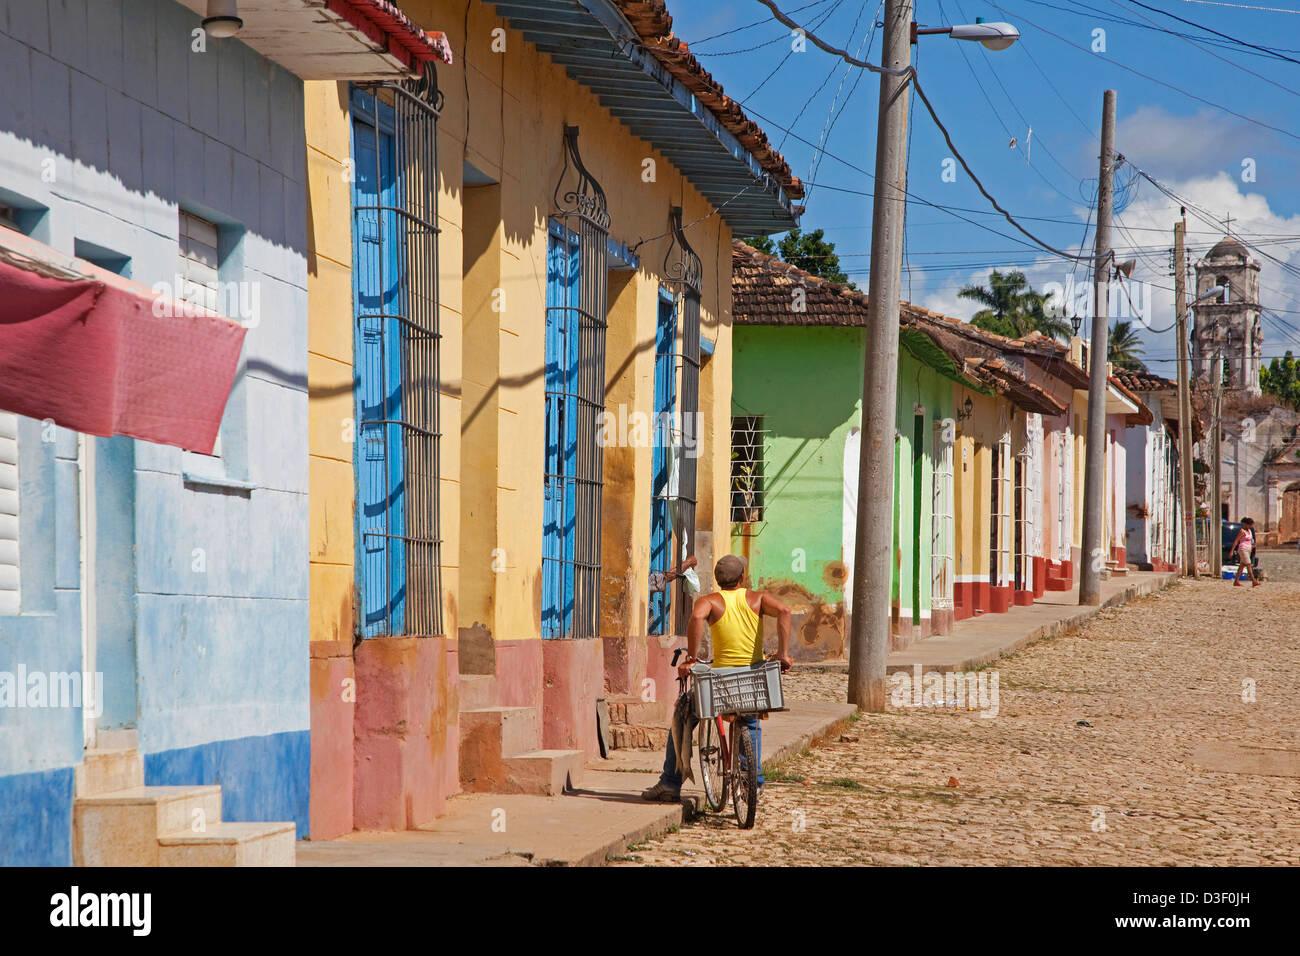 Rue coloniale de couleurs pastels avec des maisons dans le centre de Trinidad, Cuba Photo Stock